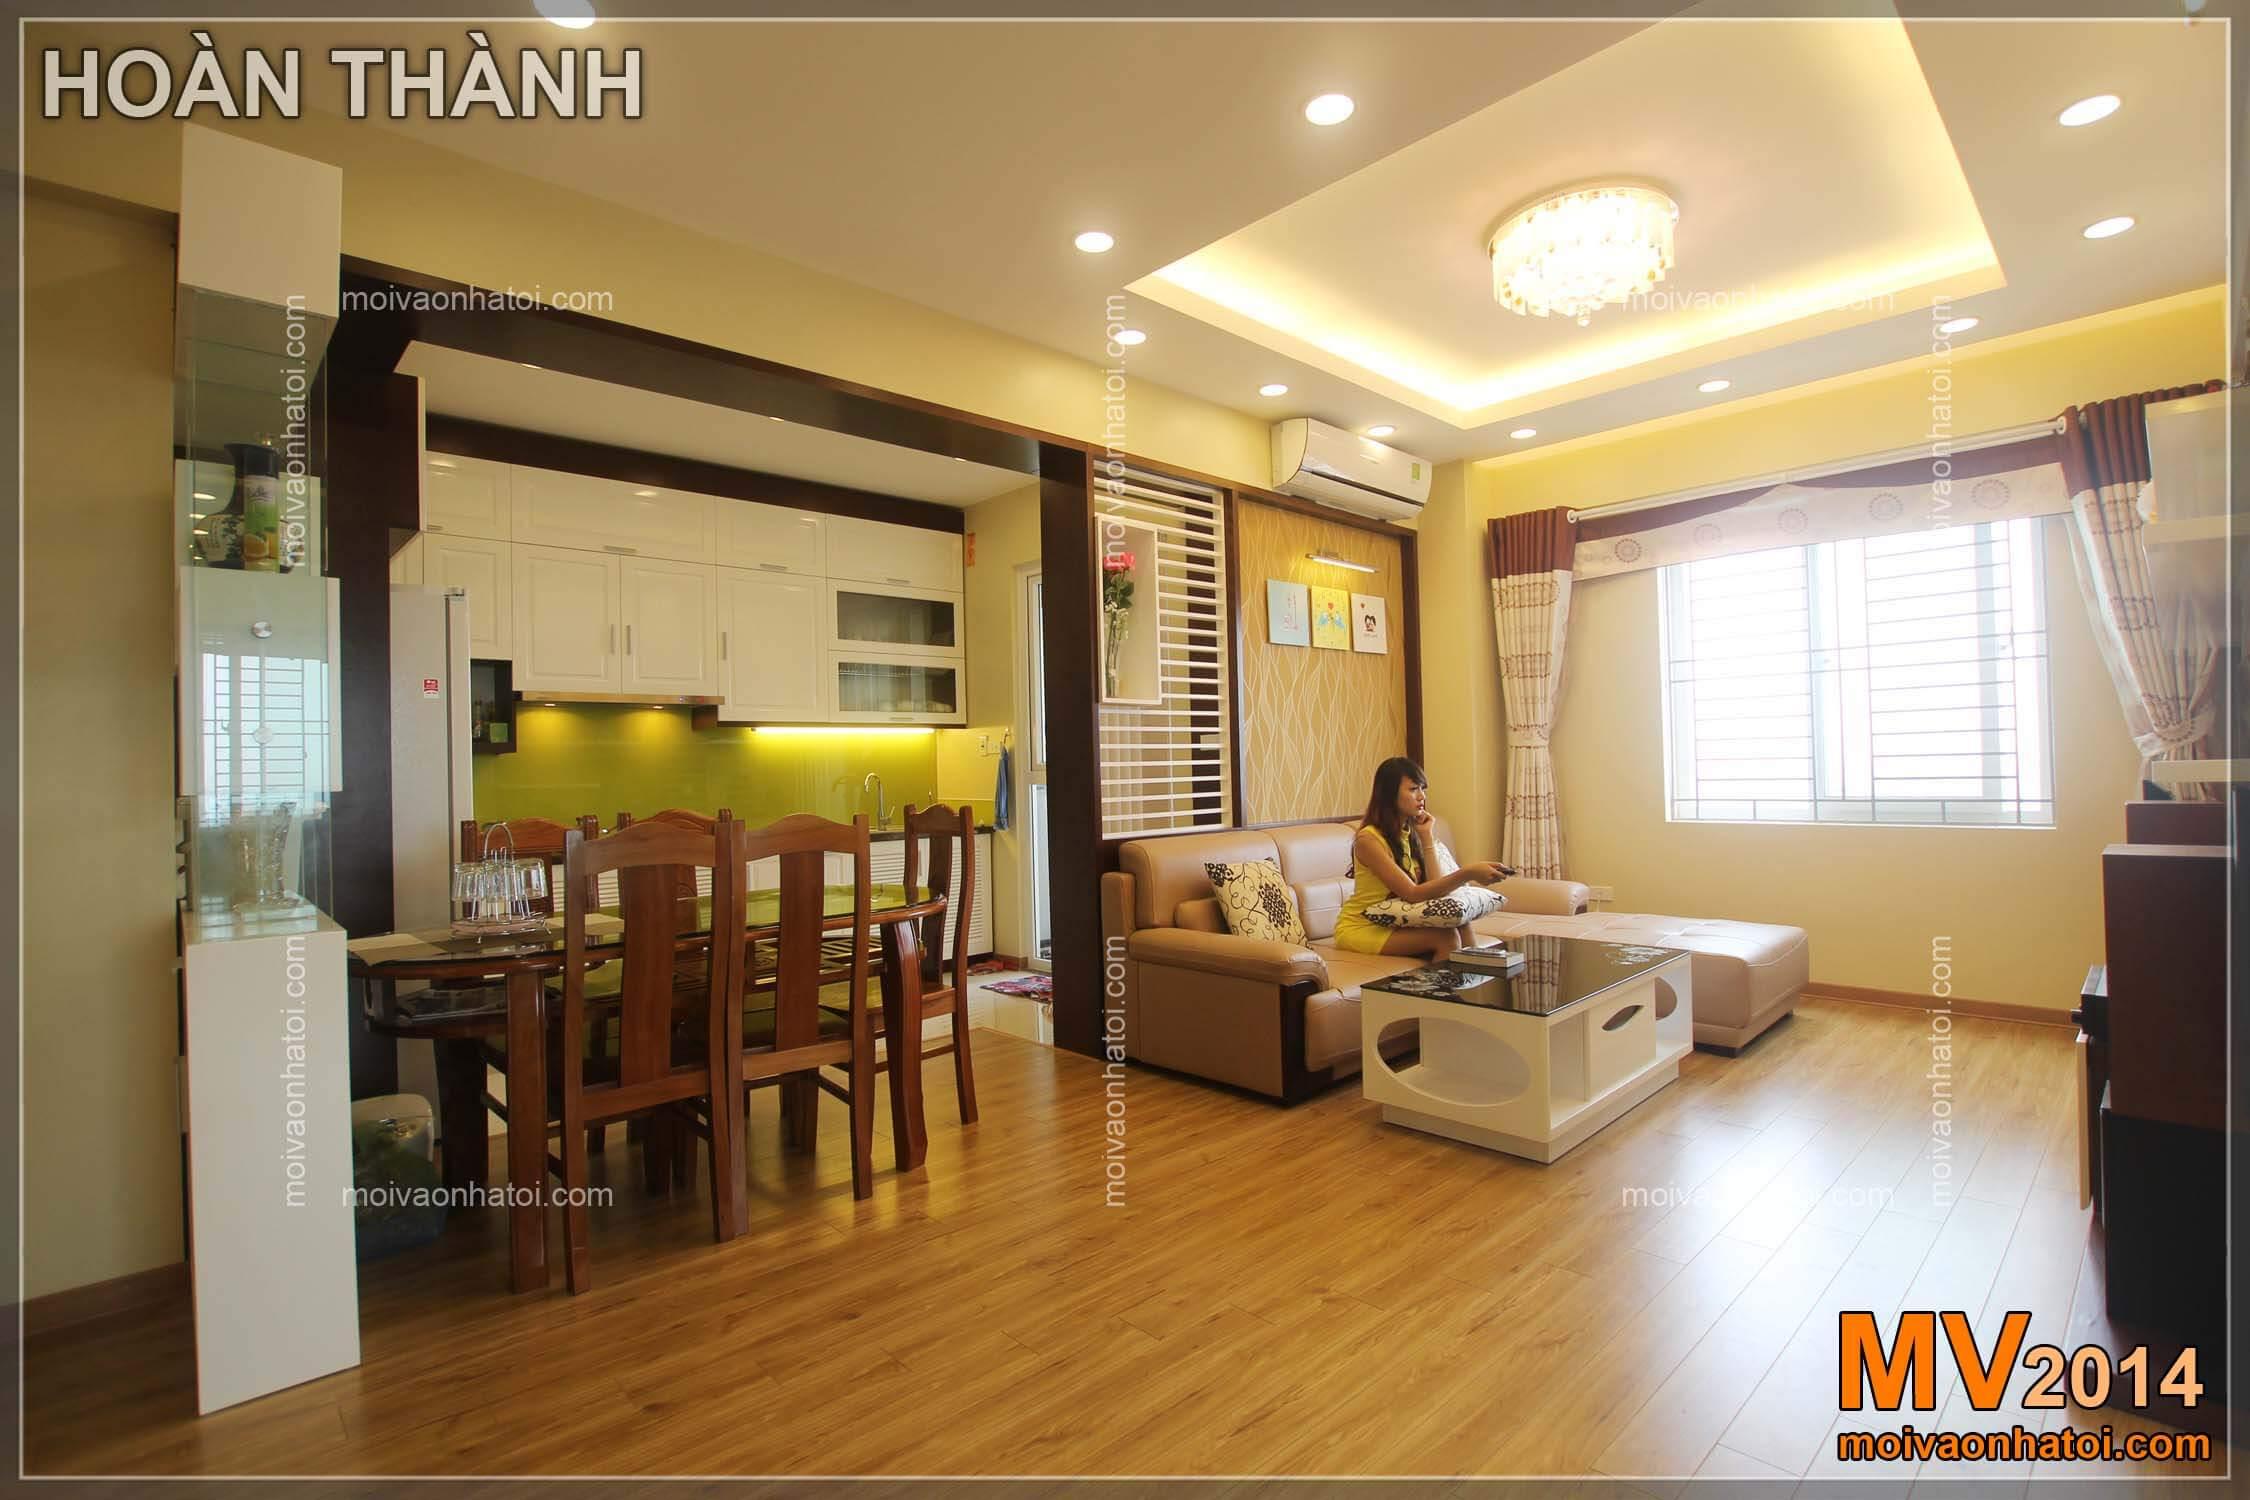 Chung cư Việt Hưng Phòng khách căn hộ sau khi hoàn thành